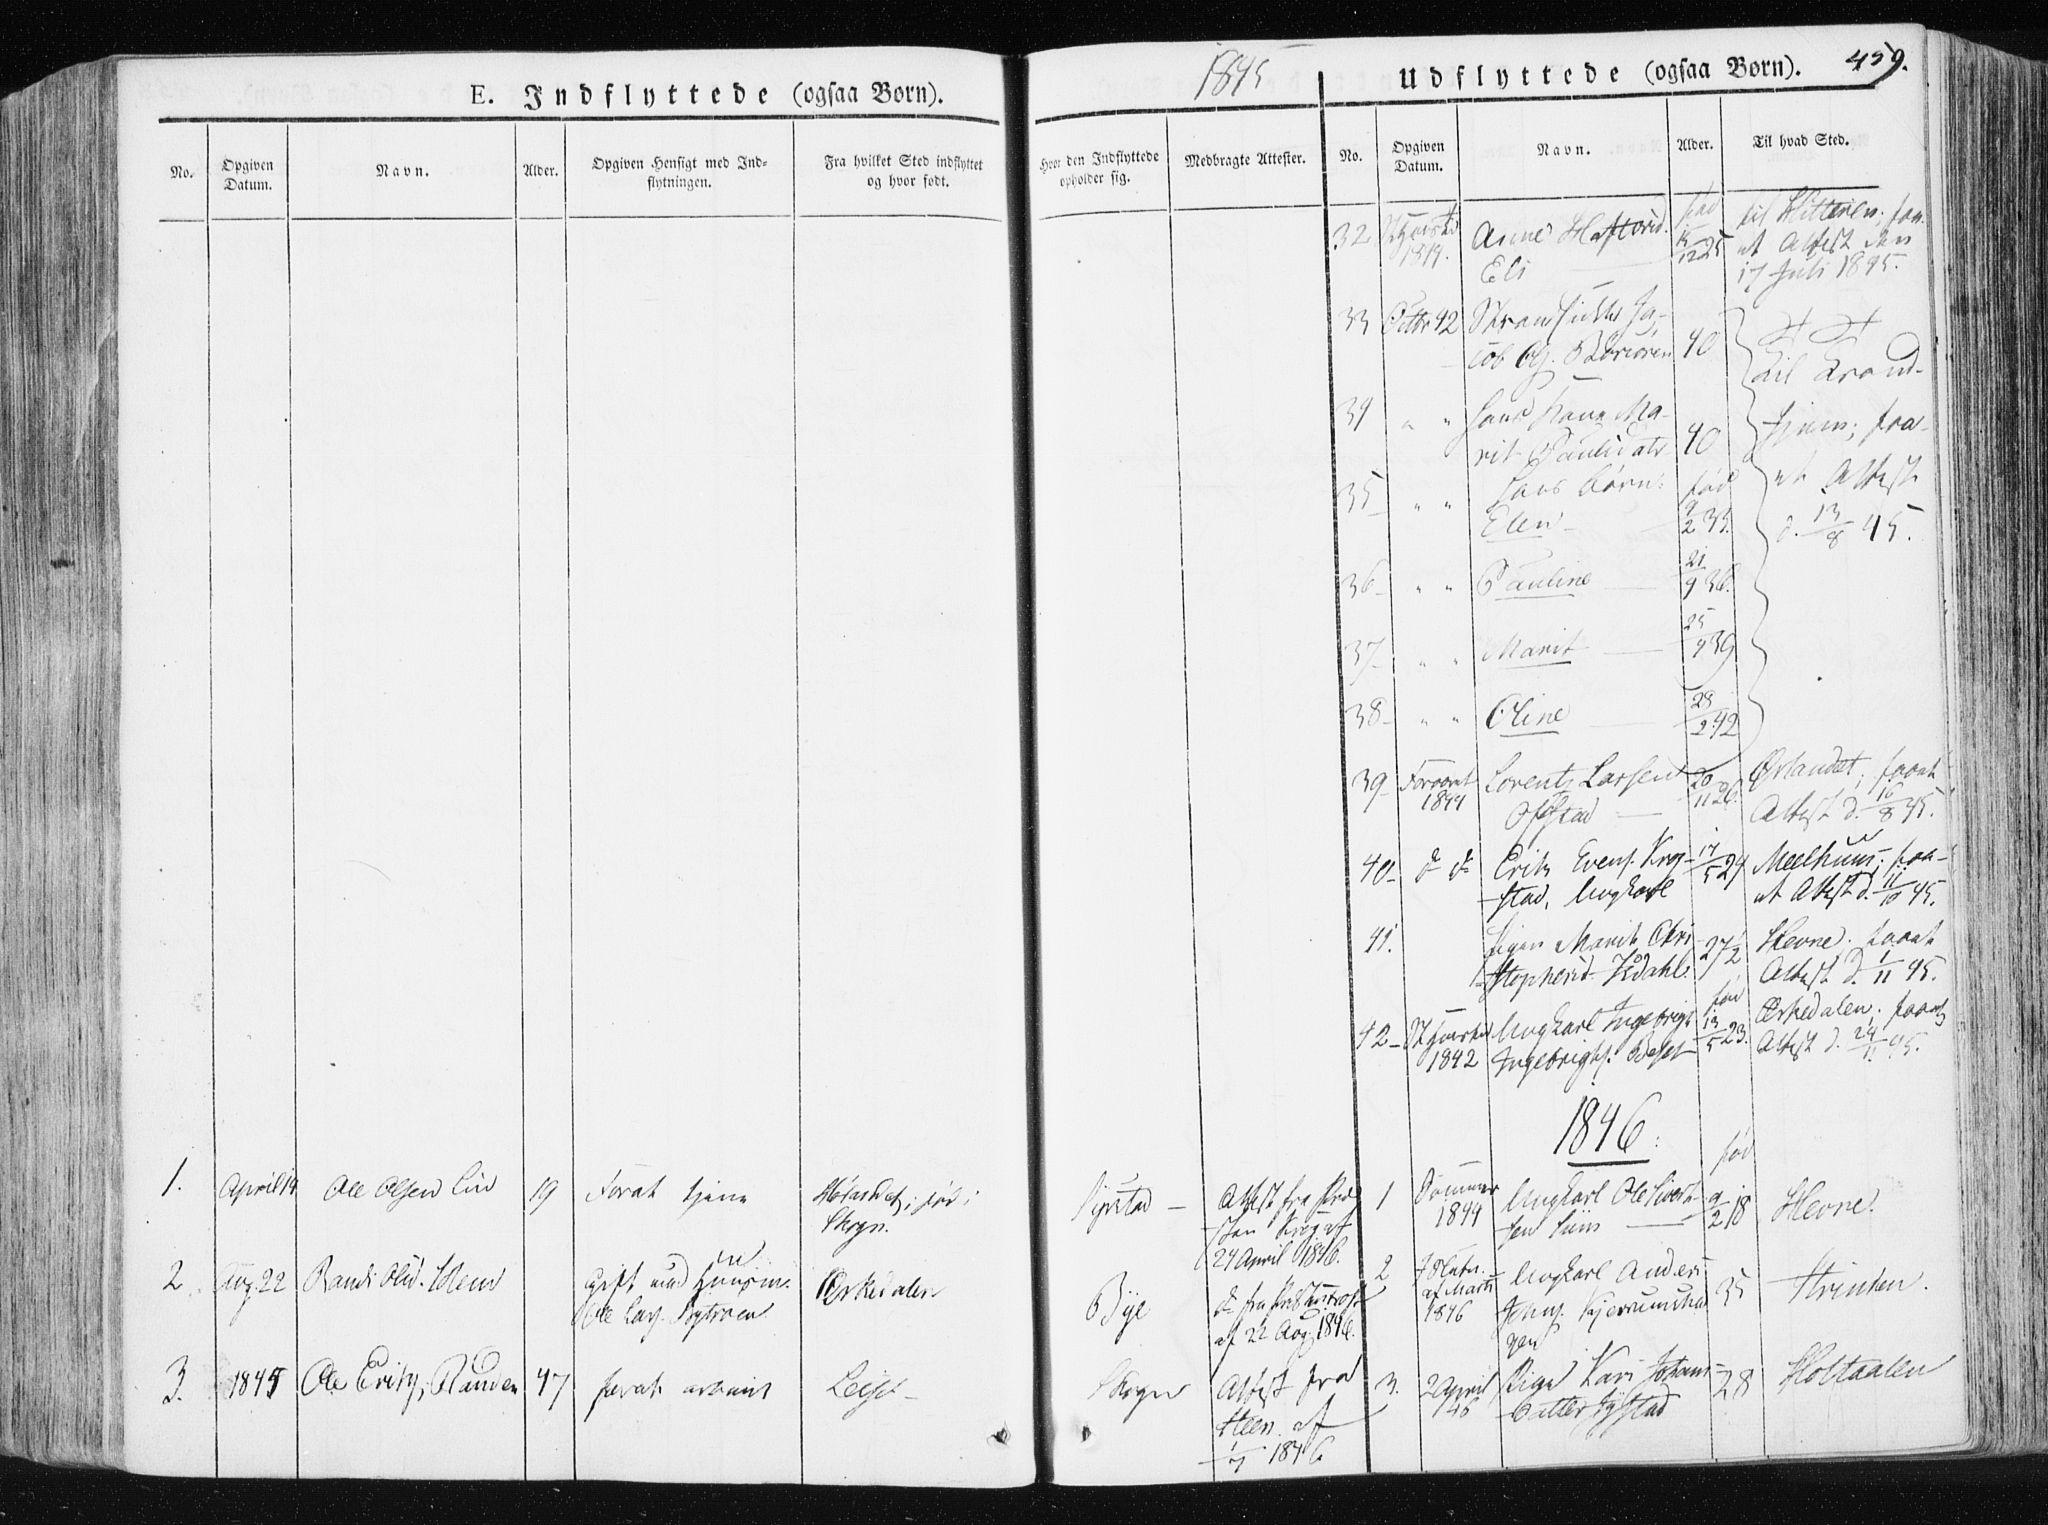 SAT, Ministerialprotokoller, klokkerbøker og fødselsregistre - Sør-Trøndelag, 665/L0771: Ministerialbok nr. 665A06, 1830-1856, s. 459